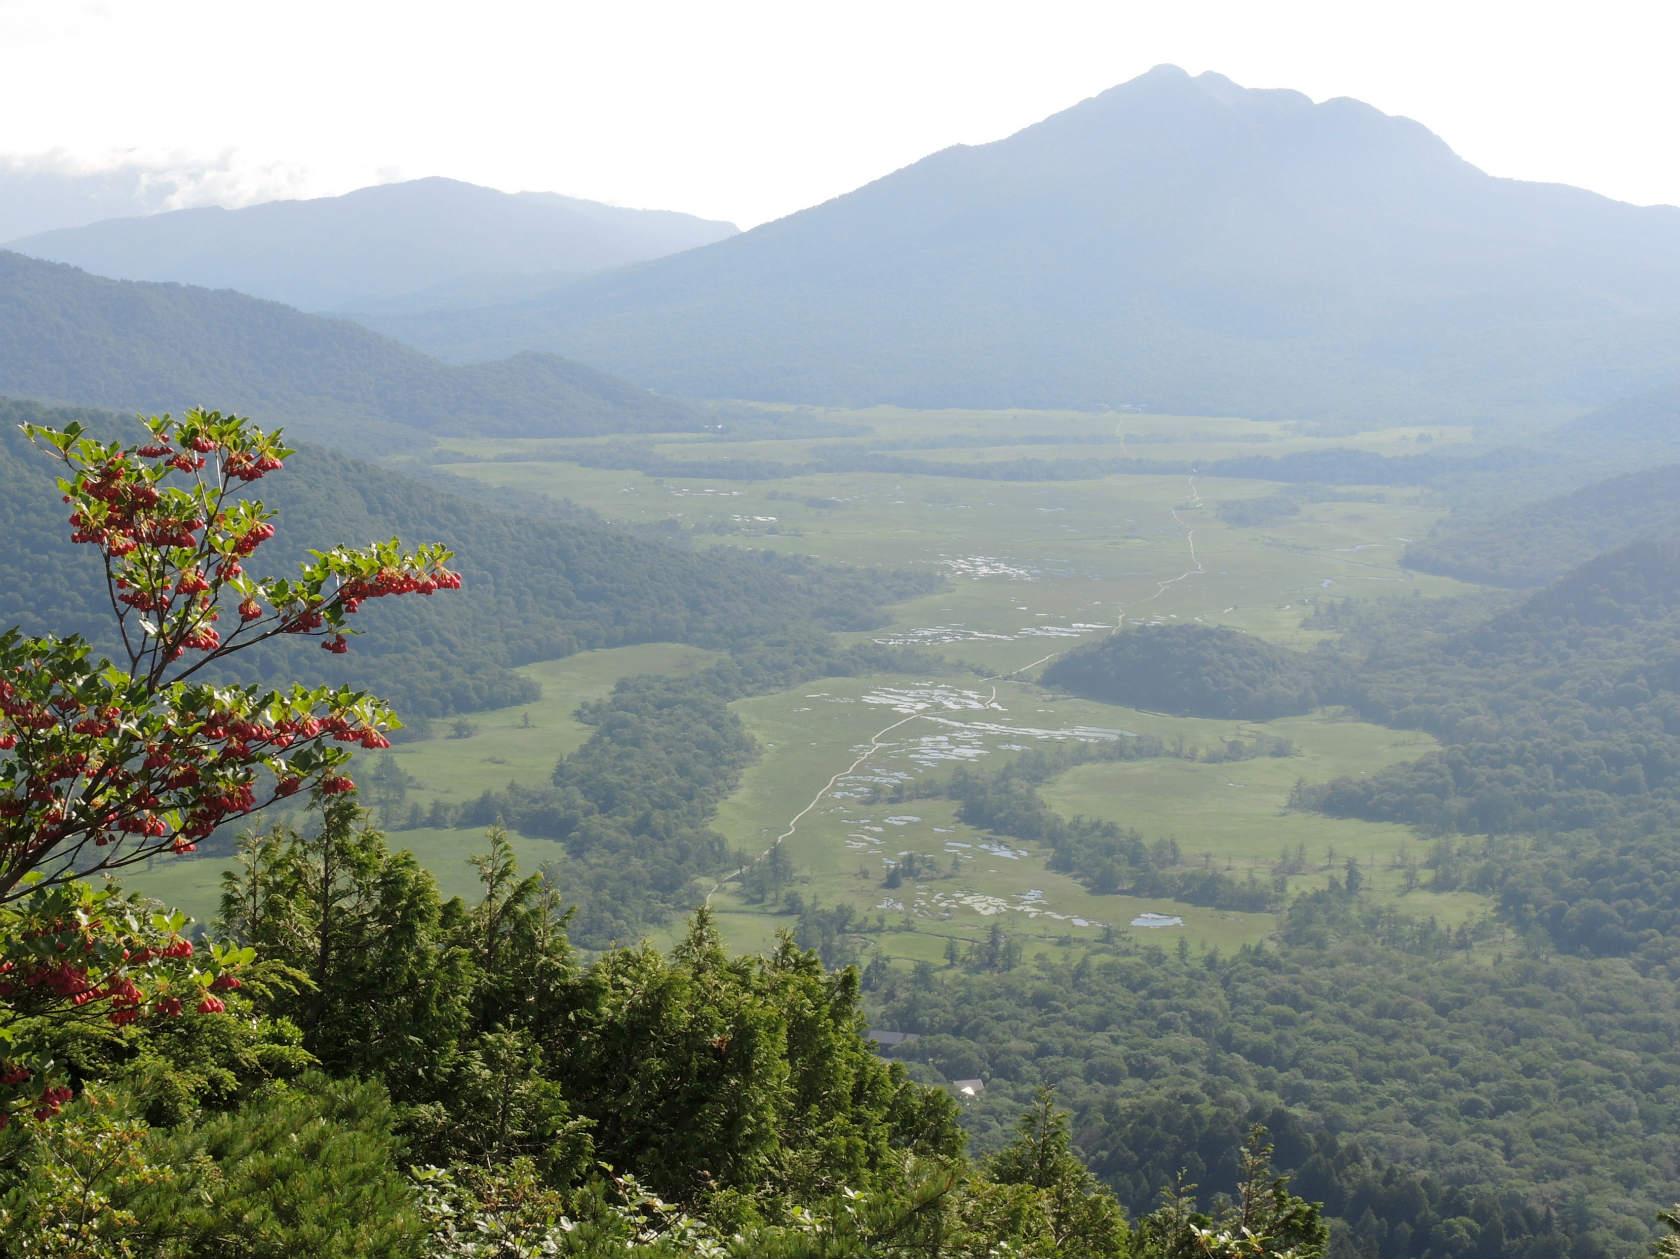 ウラジロヨウラクと燧ヶ岳